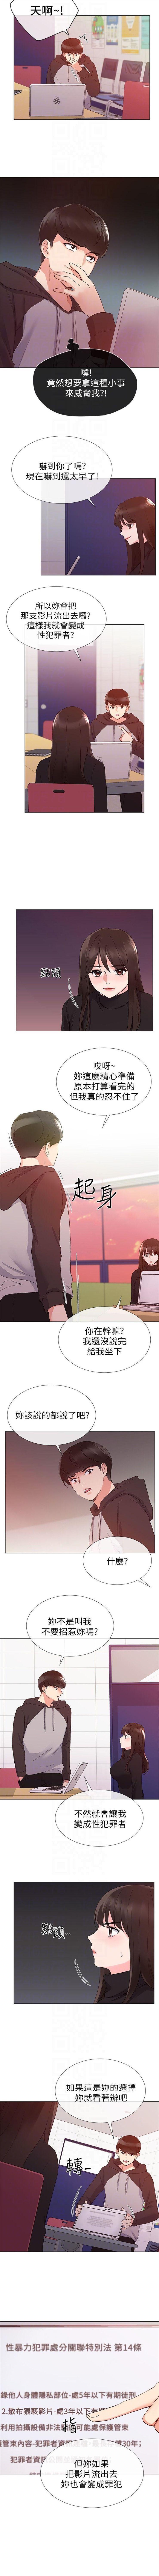 (週5)重考生 1-52 中文翻譯(更新中) 149